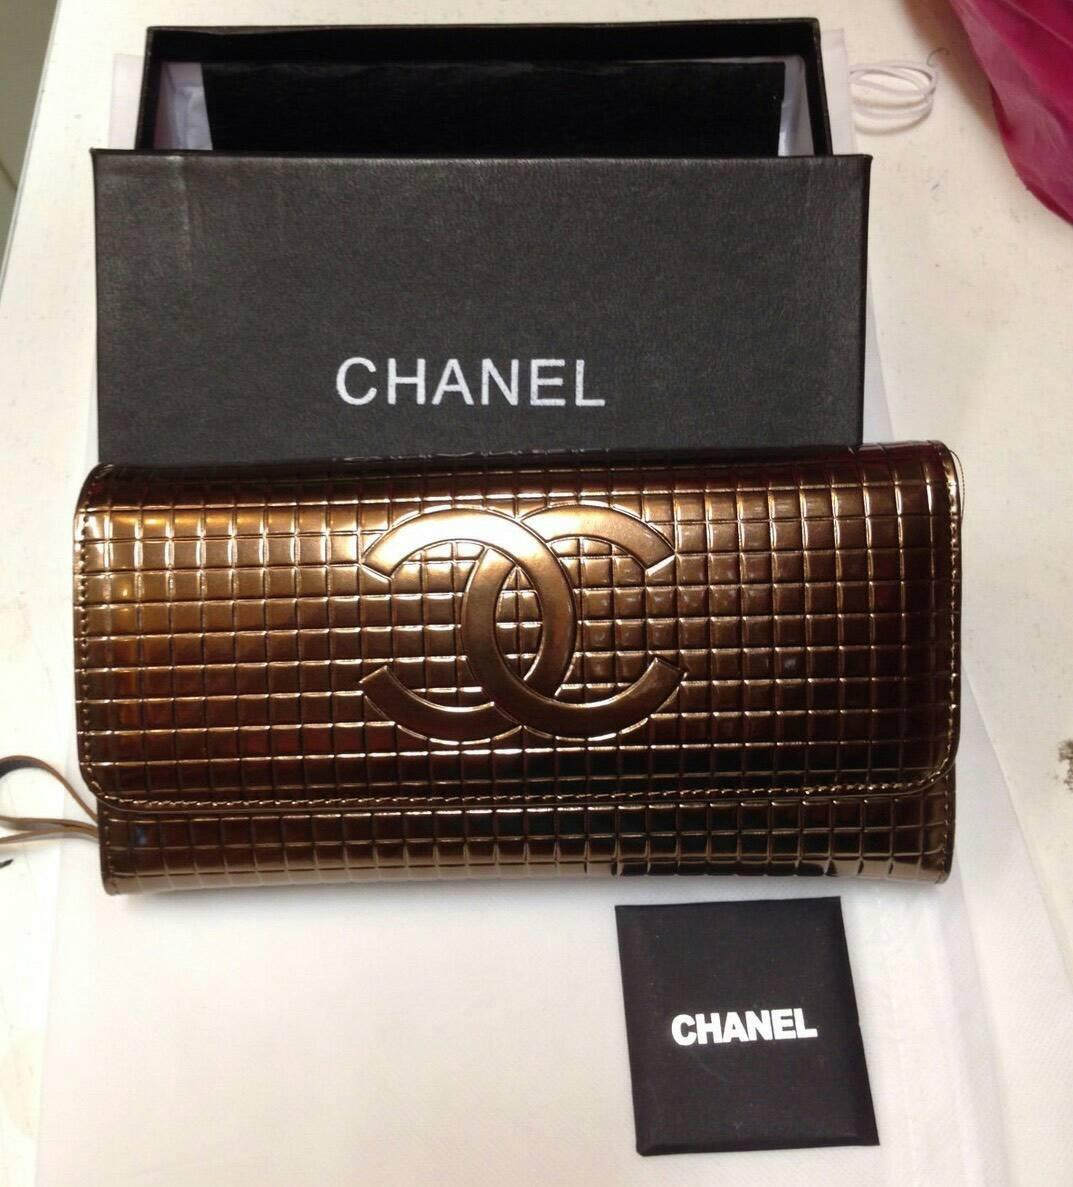 กระเป๋าคลัชchanel หนังแท้ทั้งใบreal Leather เปนกระเป๋าตังค์ได้ด้วยค่ะมีสายยาวเปนสายโซ่นะคะ อะหลั่ยทอง สายยาวเปนสายโซ่สีทอง มาพร้อมการ์ด กล่อง อุปกรณ์ครบขนาดปั๊มแบรนด์chanelในหนังด้านหน้า